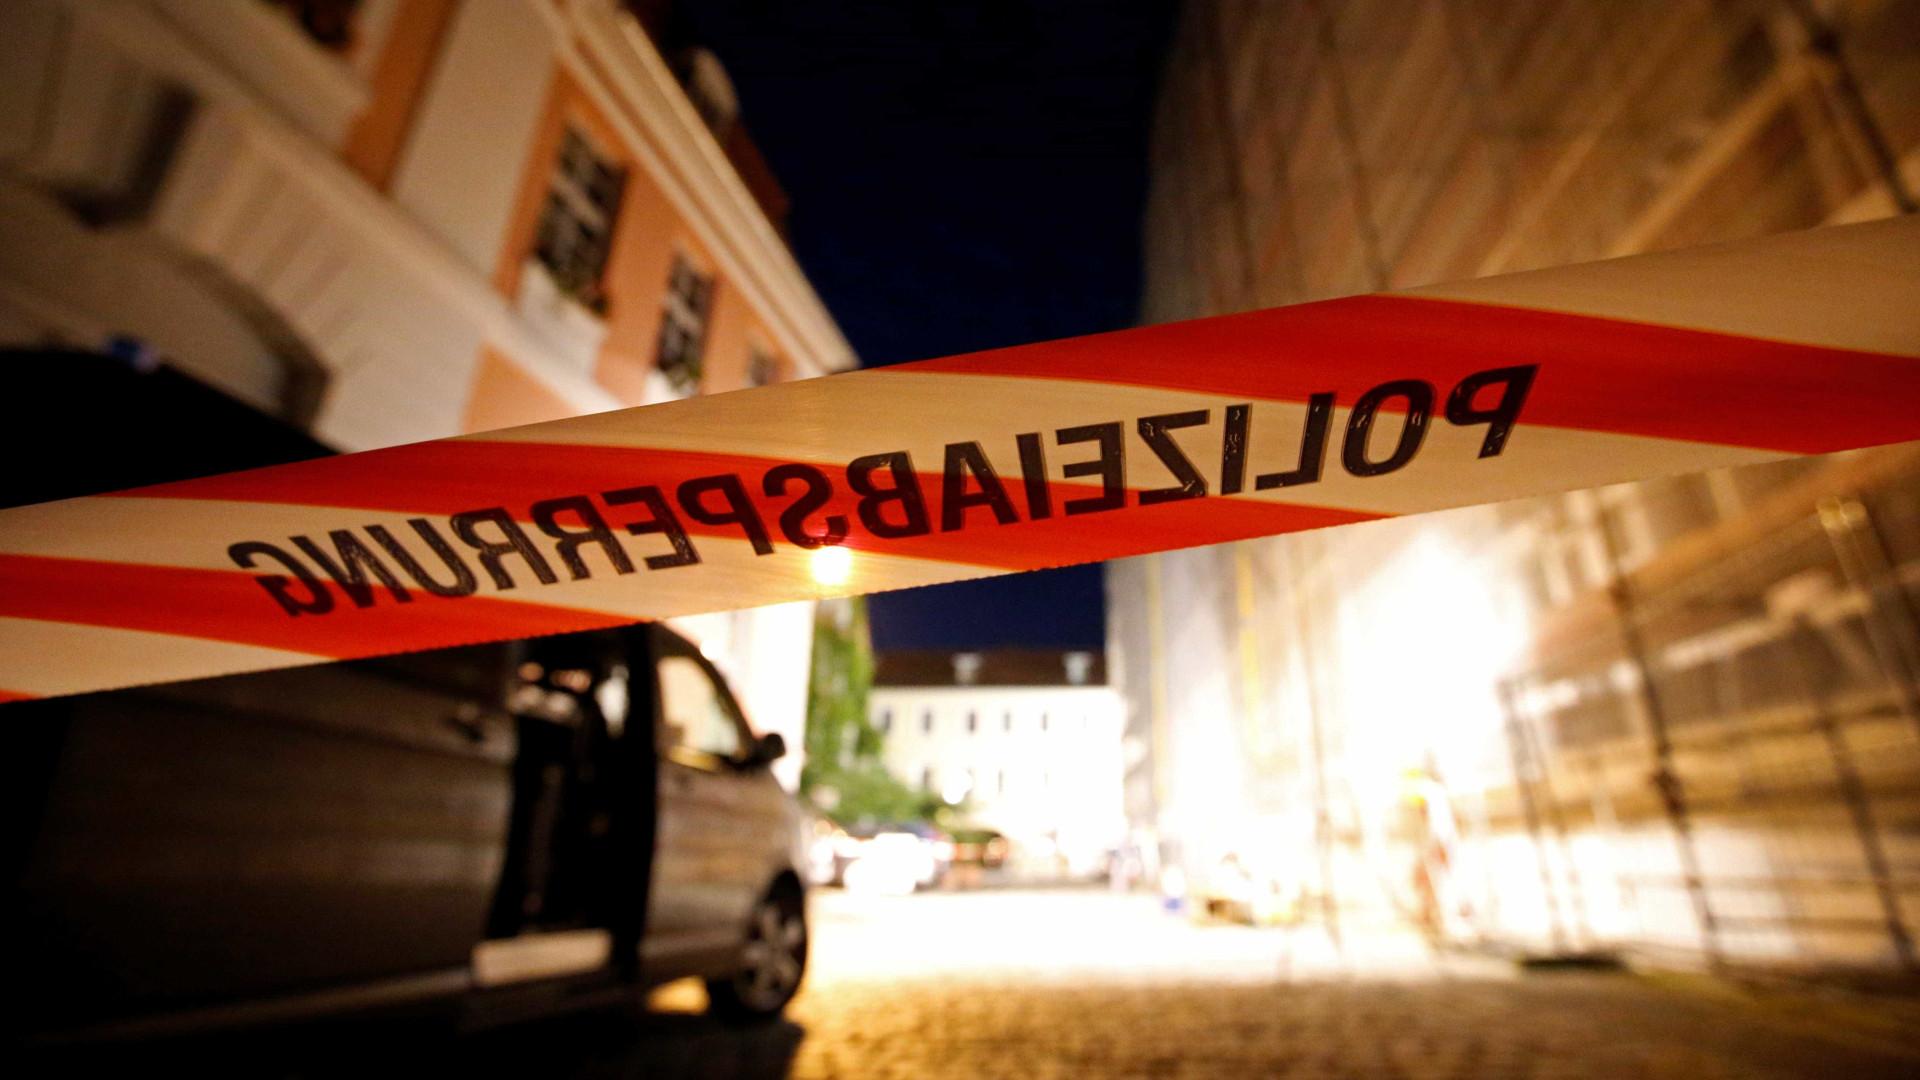 Raide policial: Quatro polícias alvejados na Alemanha